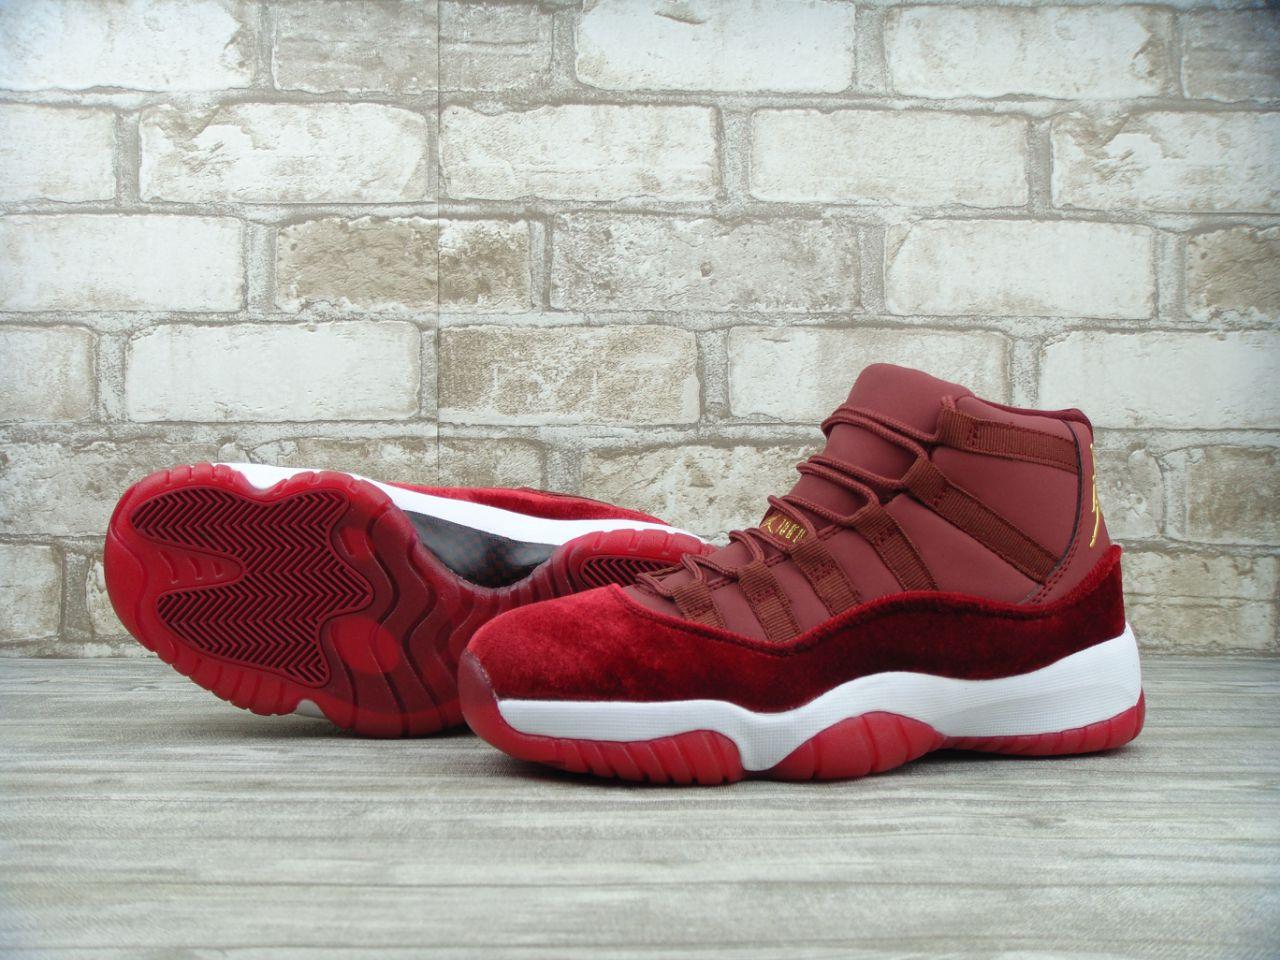 fe8c0b49b7b7 Кроссовки женские Nike Air Jordan 11 GS Heiress 30079 бордовые ...